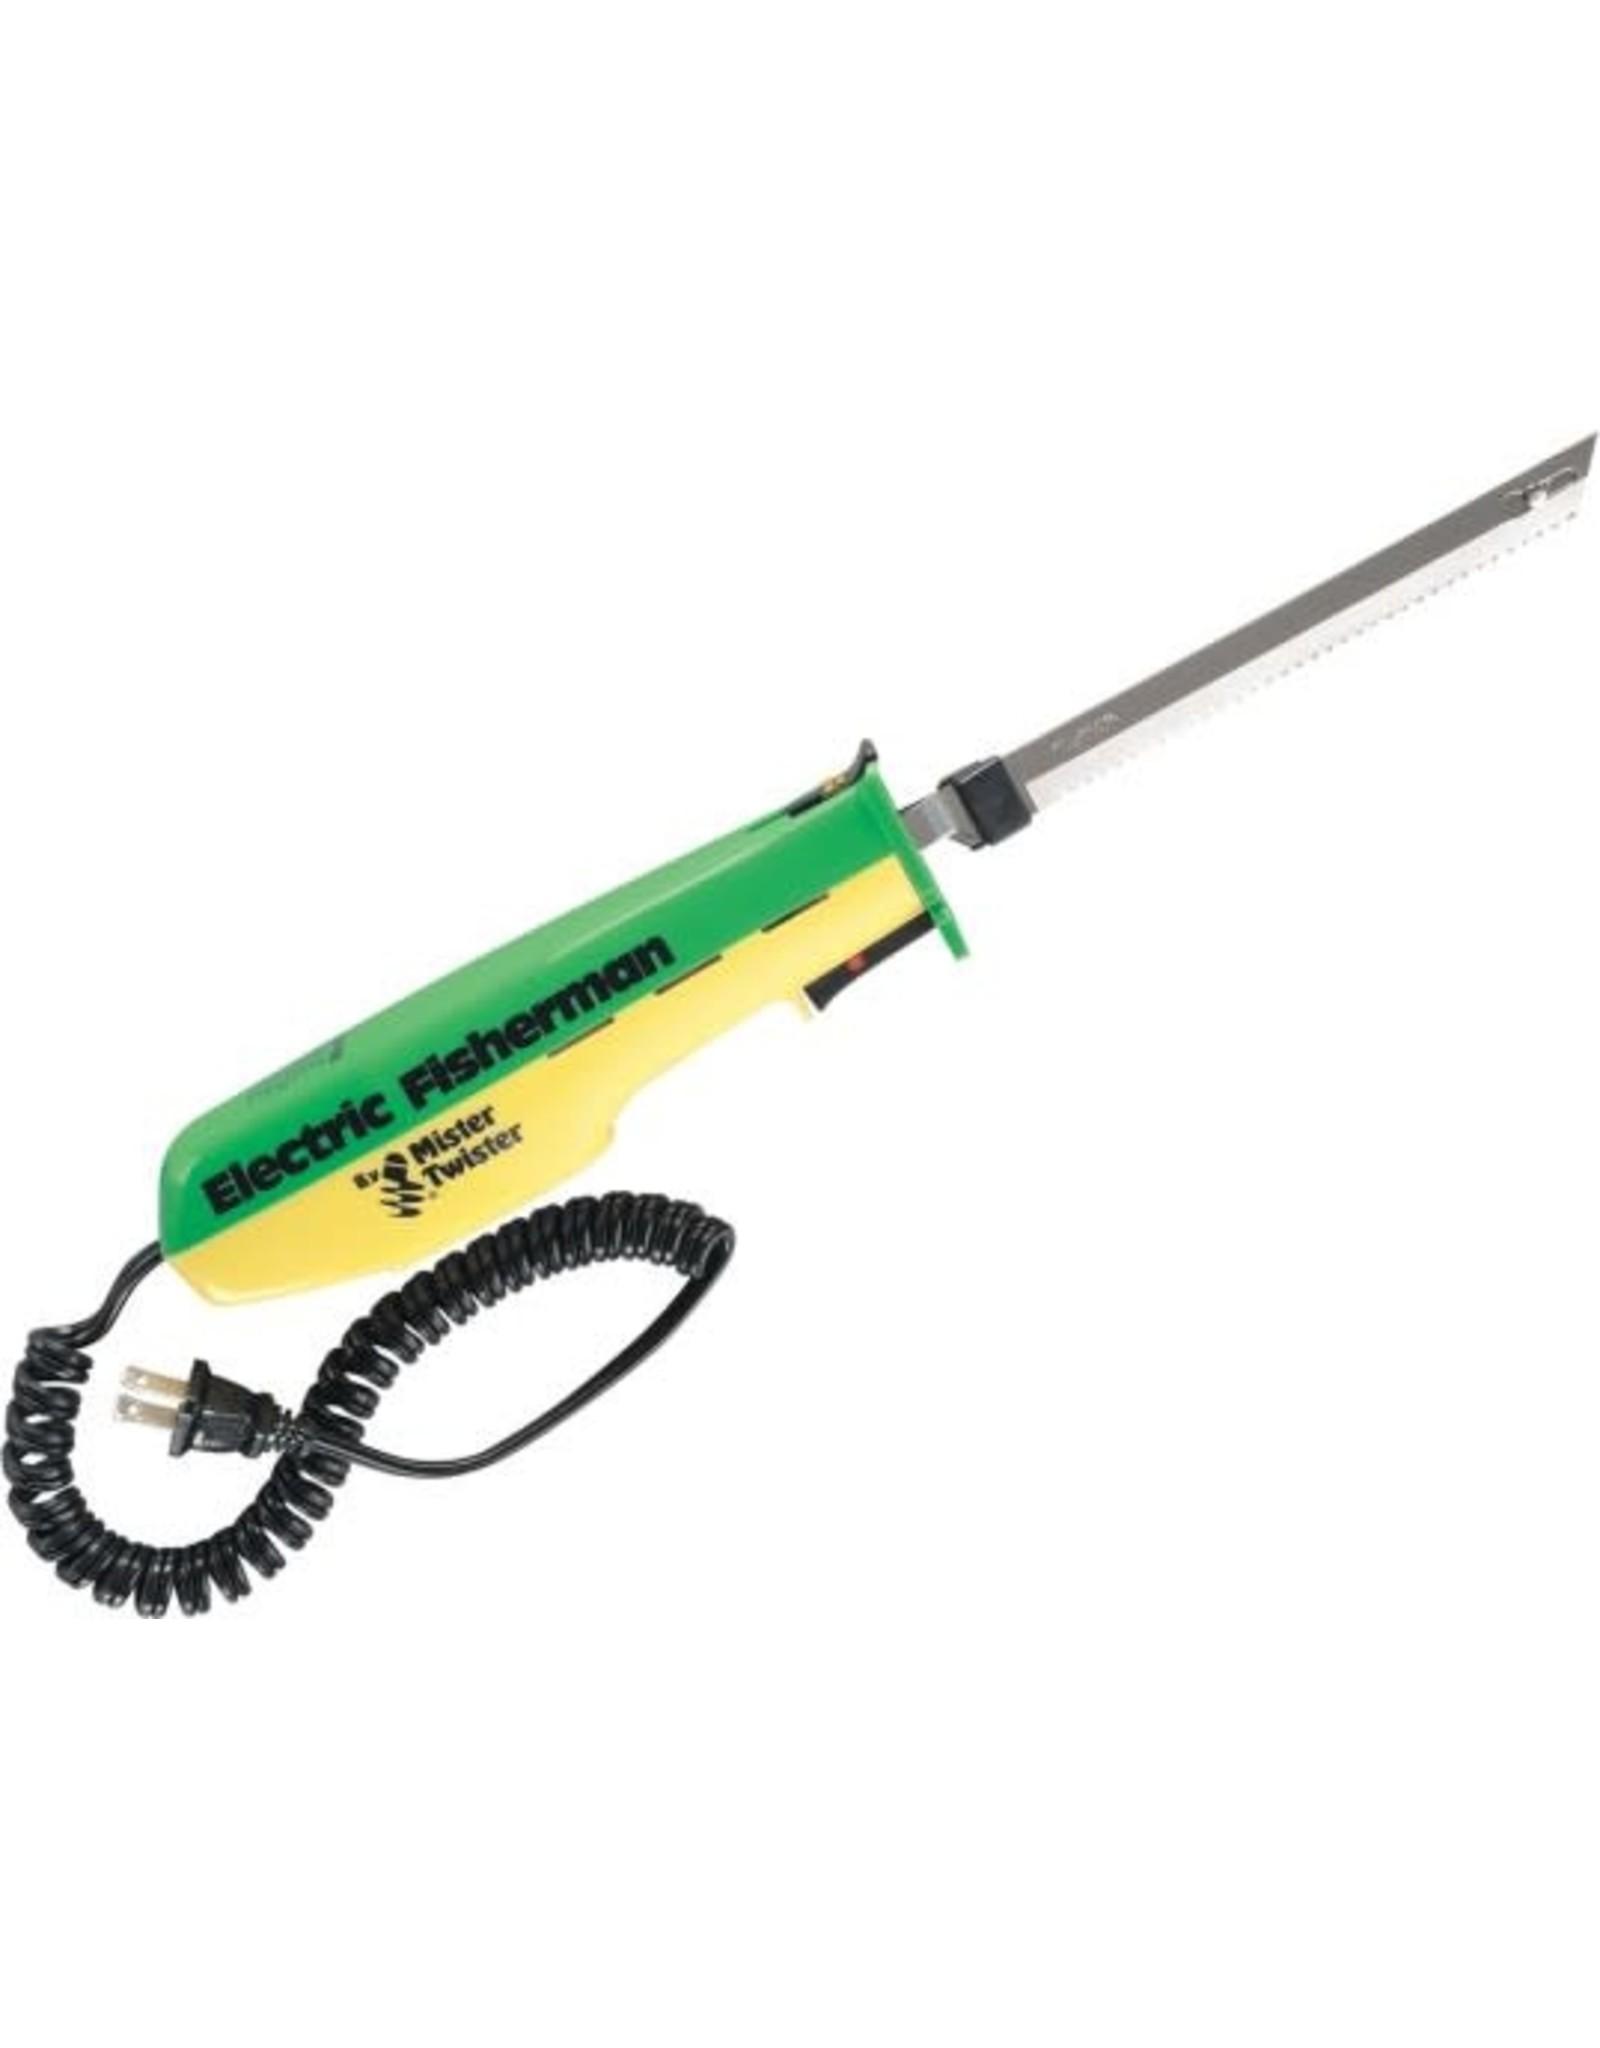 Mister Twister Mr. Twister 110 V Electric Fillet Knife